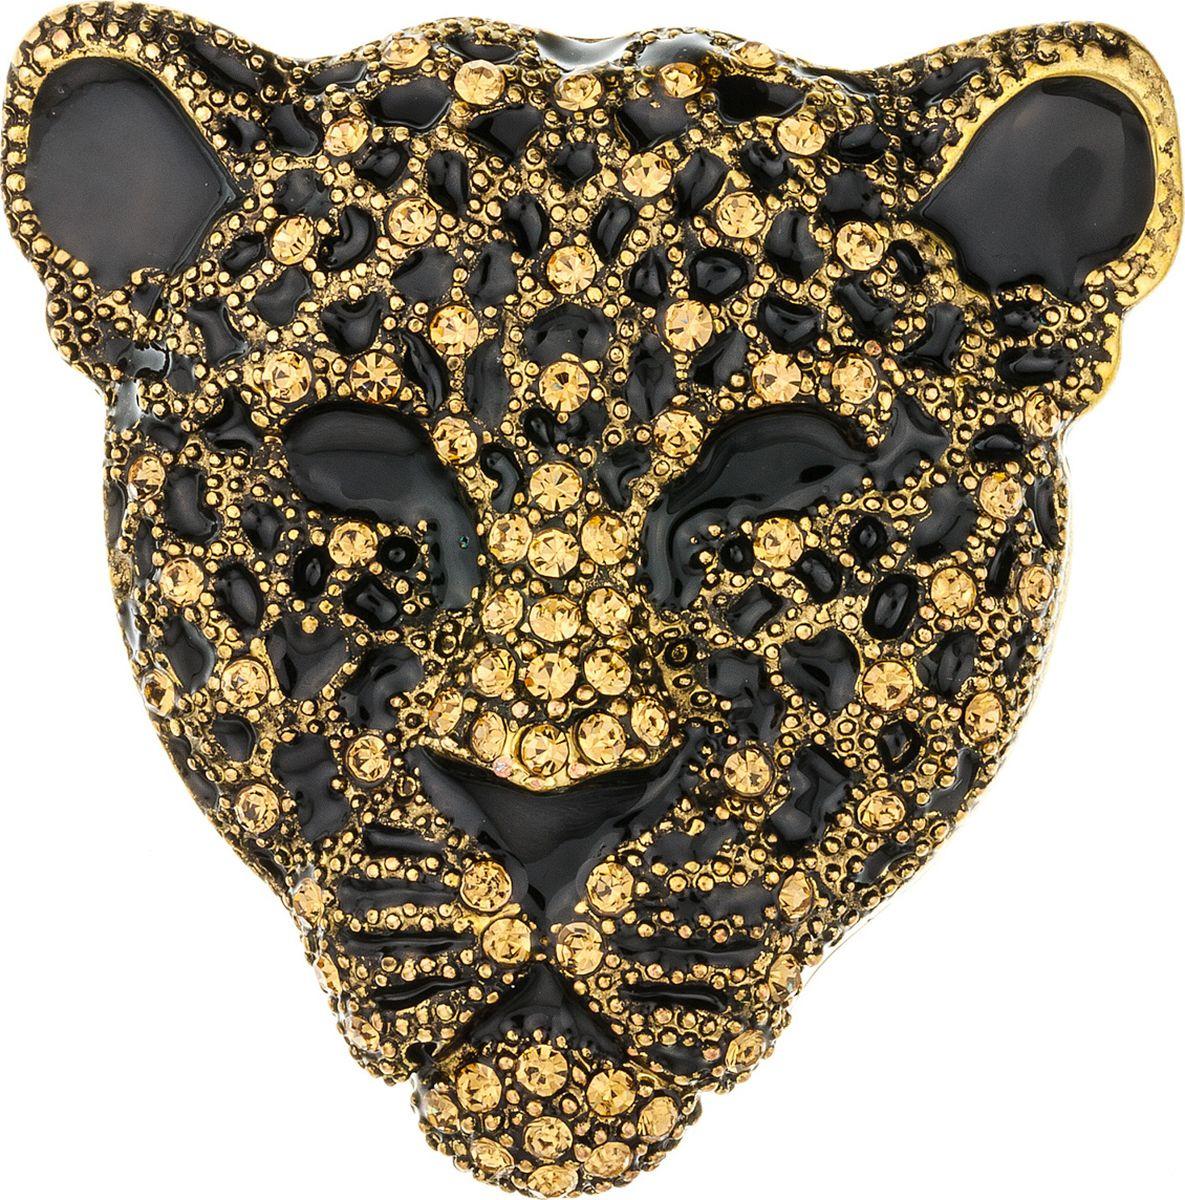 Брошь женская Модные истории, 19/0535, золотистый19/0535Оригинальная стильная брошь в виде головы гепарда как никакой другой аксессуар воплощает тренд на анималистичность. Украшение выполнено из металла цвета состаренное золото и декорировано россыпью страз. Аксессуар достаточно объемный - такой лучше всего носить на одежде из плотных тканей.